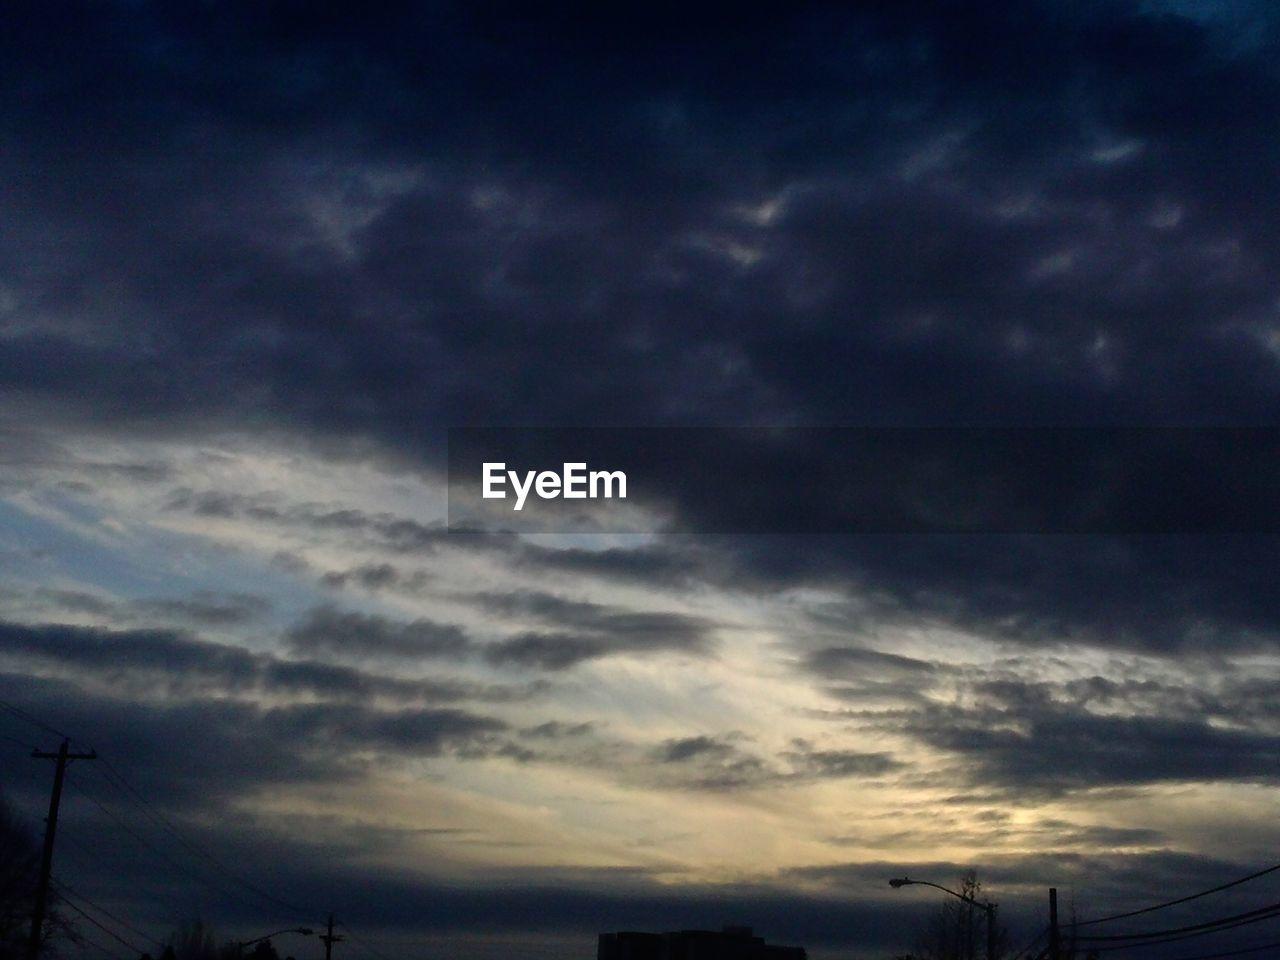 Clouds in dusky sky